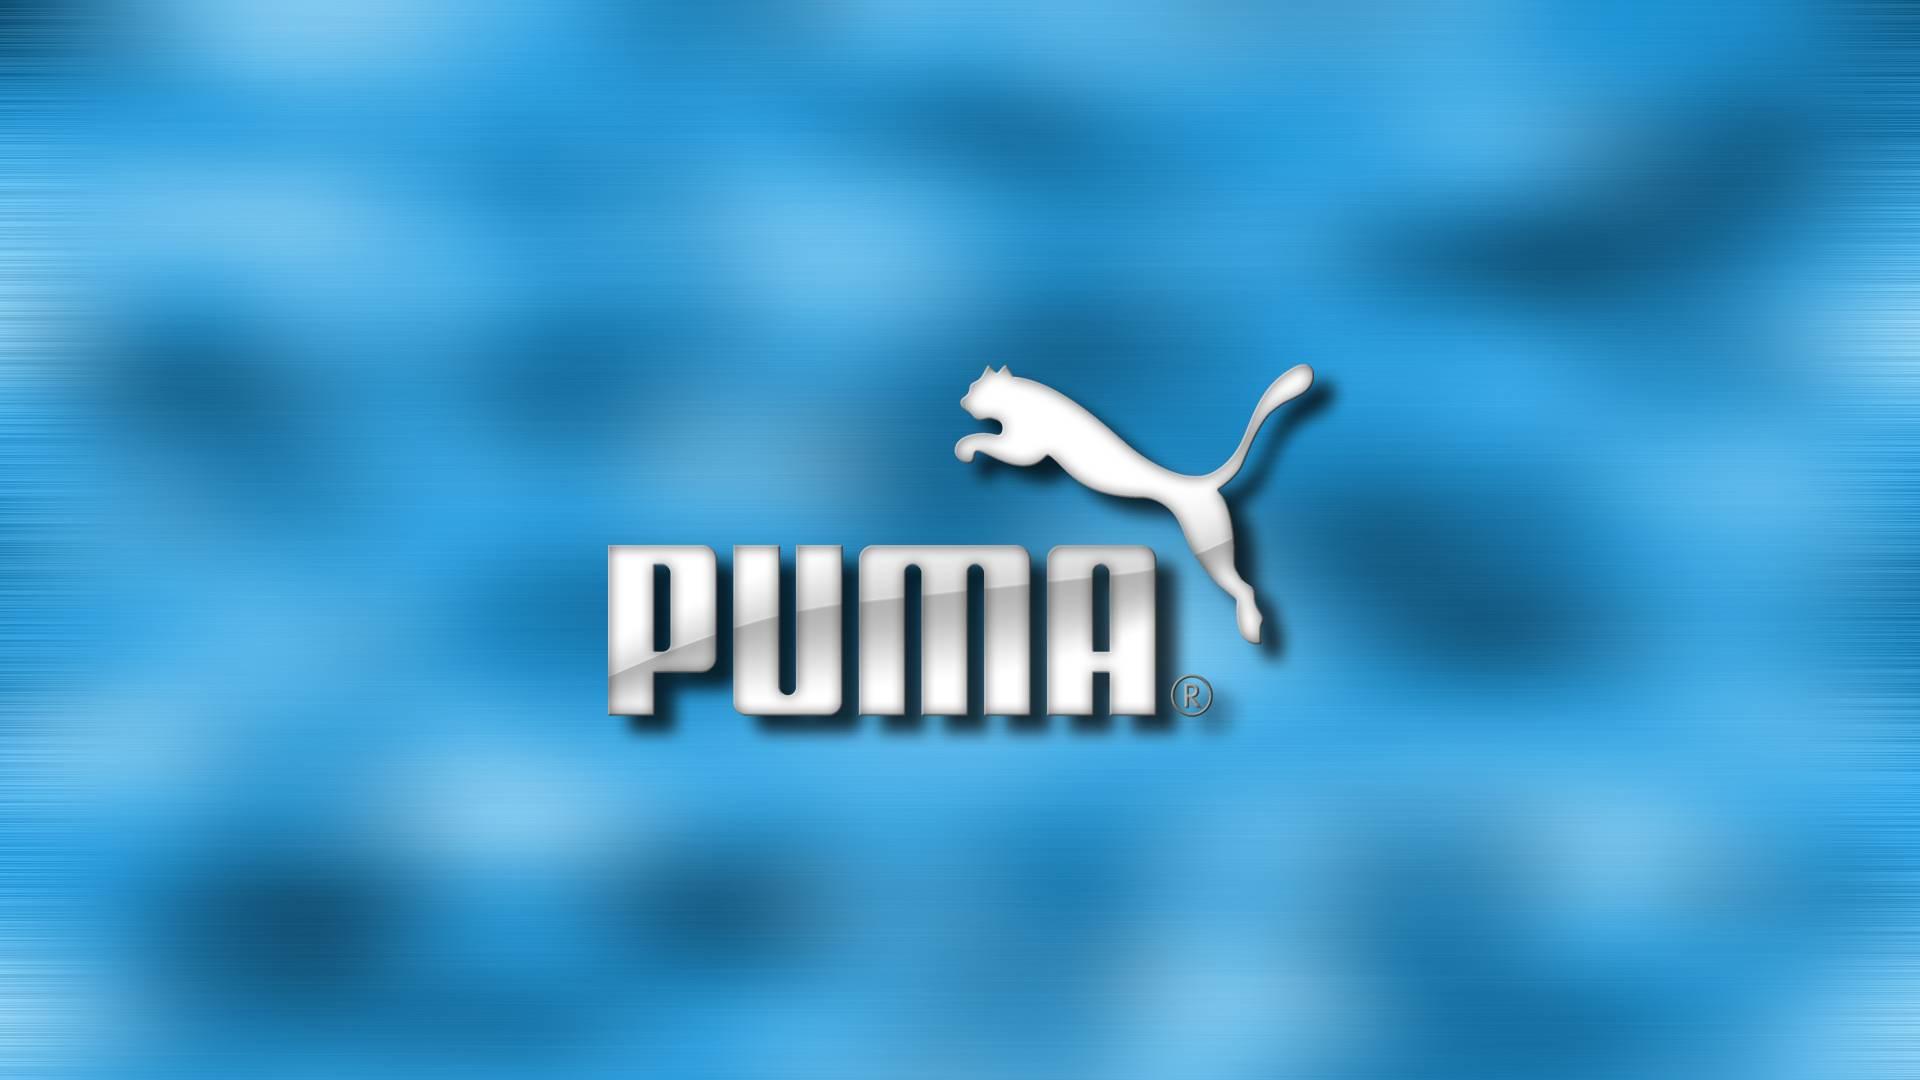 pumaa   Puma Wallpaper 1920x1080